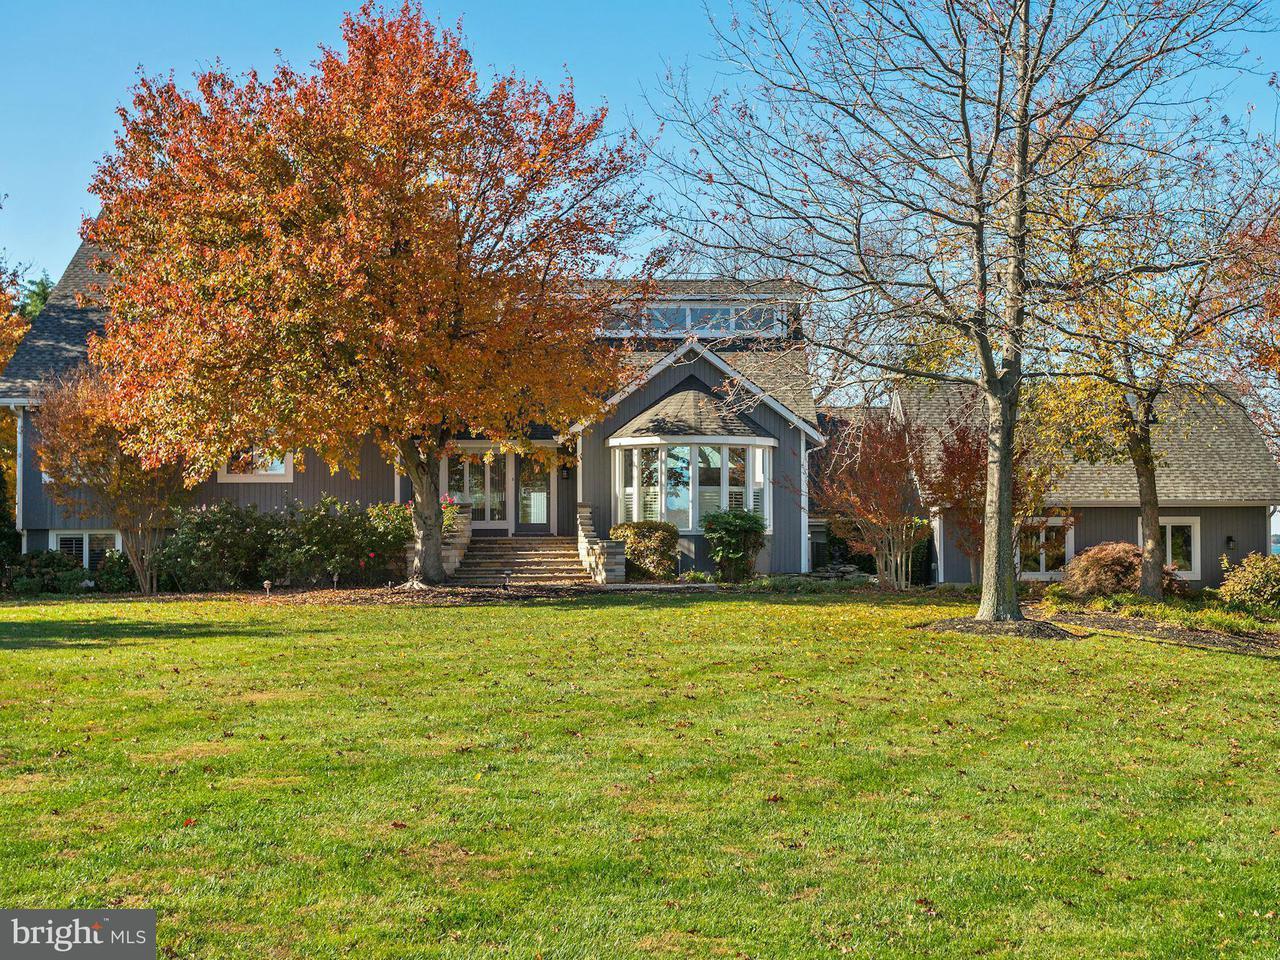 Частный односемейный дом для того Продажа на 2872 Cox Neck Road 2872 Cox Neck Road Chester, Мэриленд 21619 Соединенные Штаты